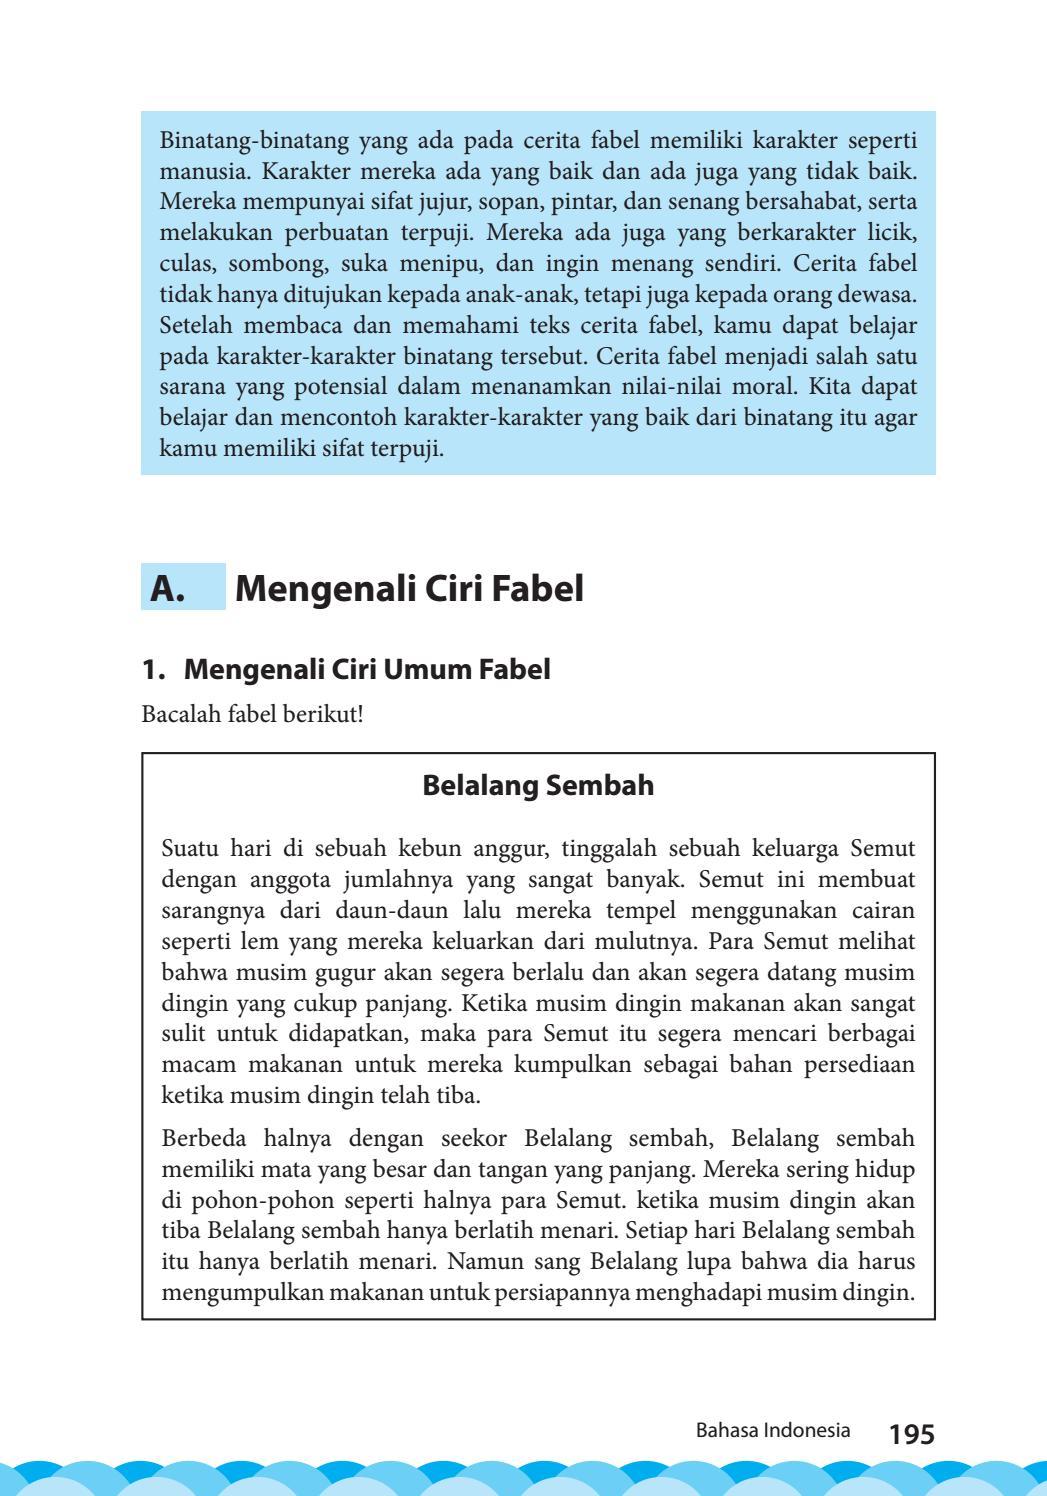 Mengenali Ciri Umum dan Jenis Fabel | Mikirbae.com